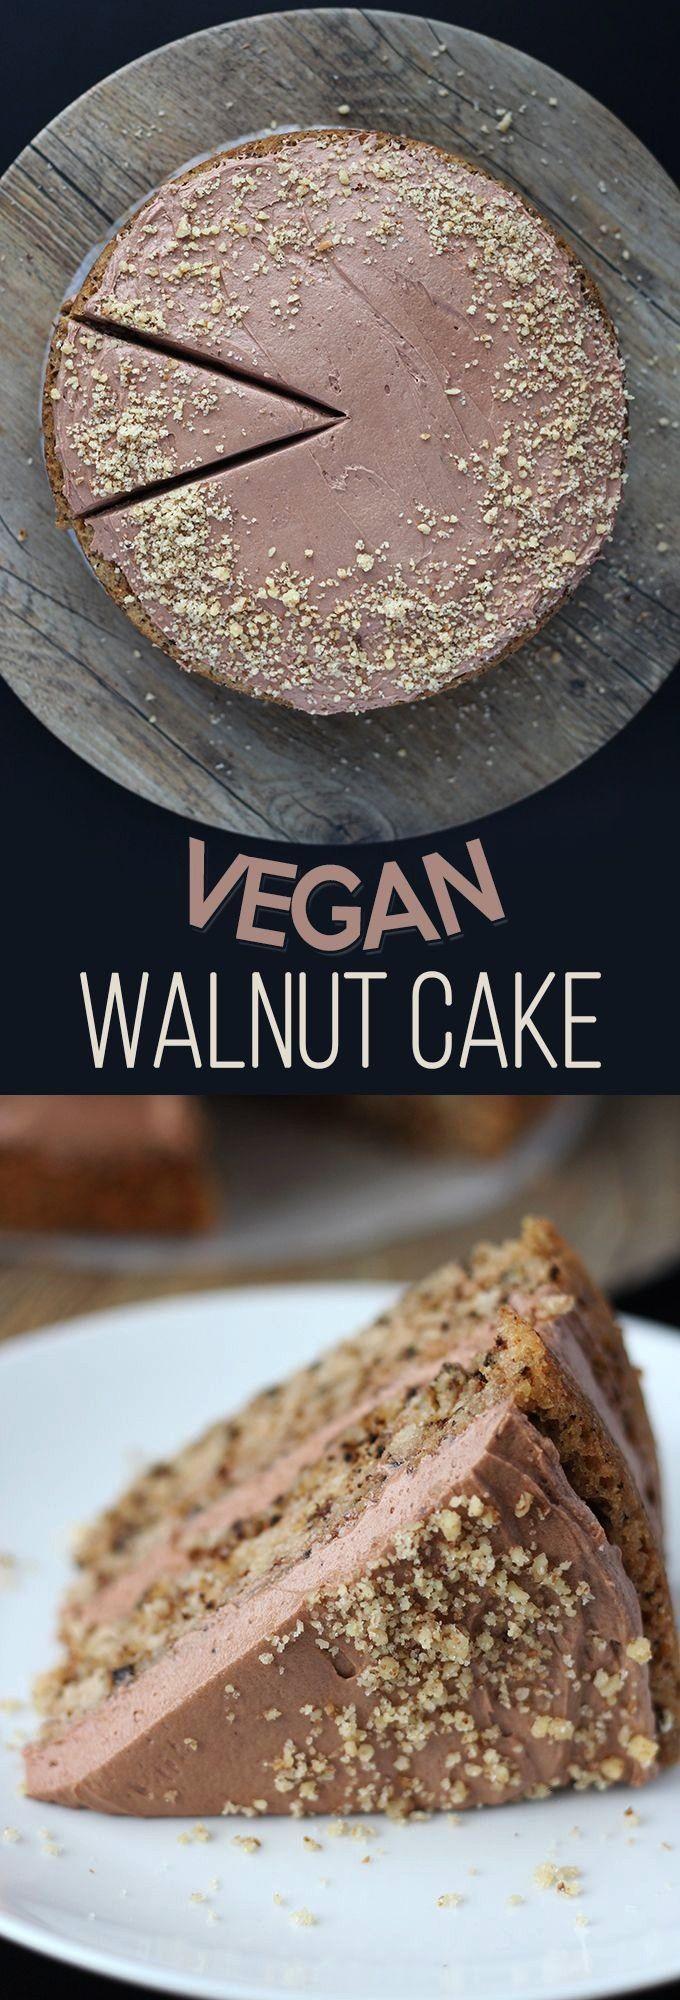 Walnut Cake - Sweet Like Cocoa -   -Vegan Walnut Cake - Sweet Like Cocoa -   -  No-Churn 2-Ingredie